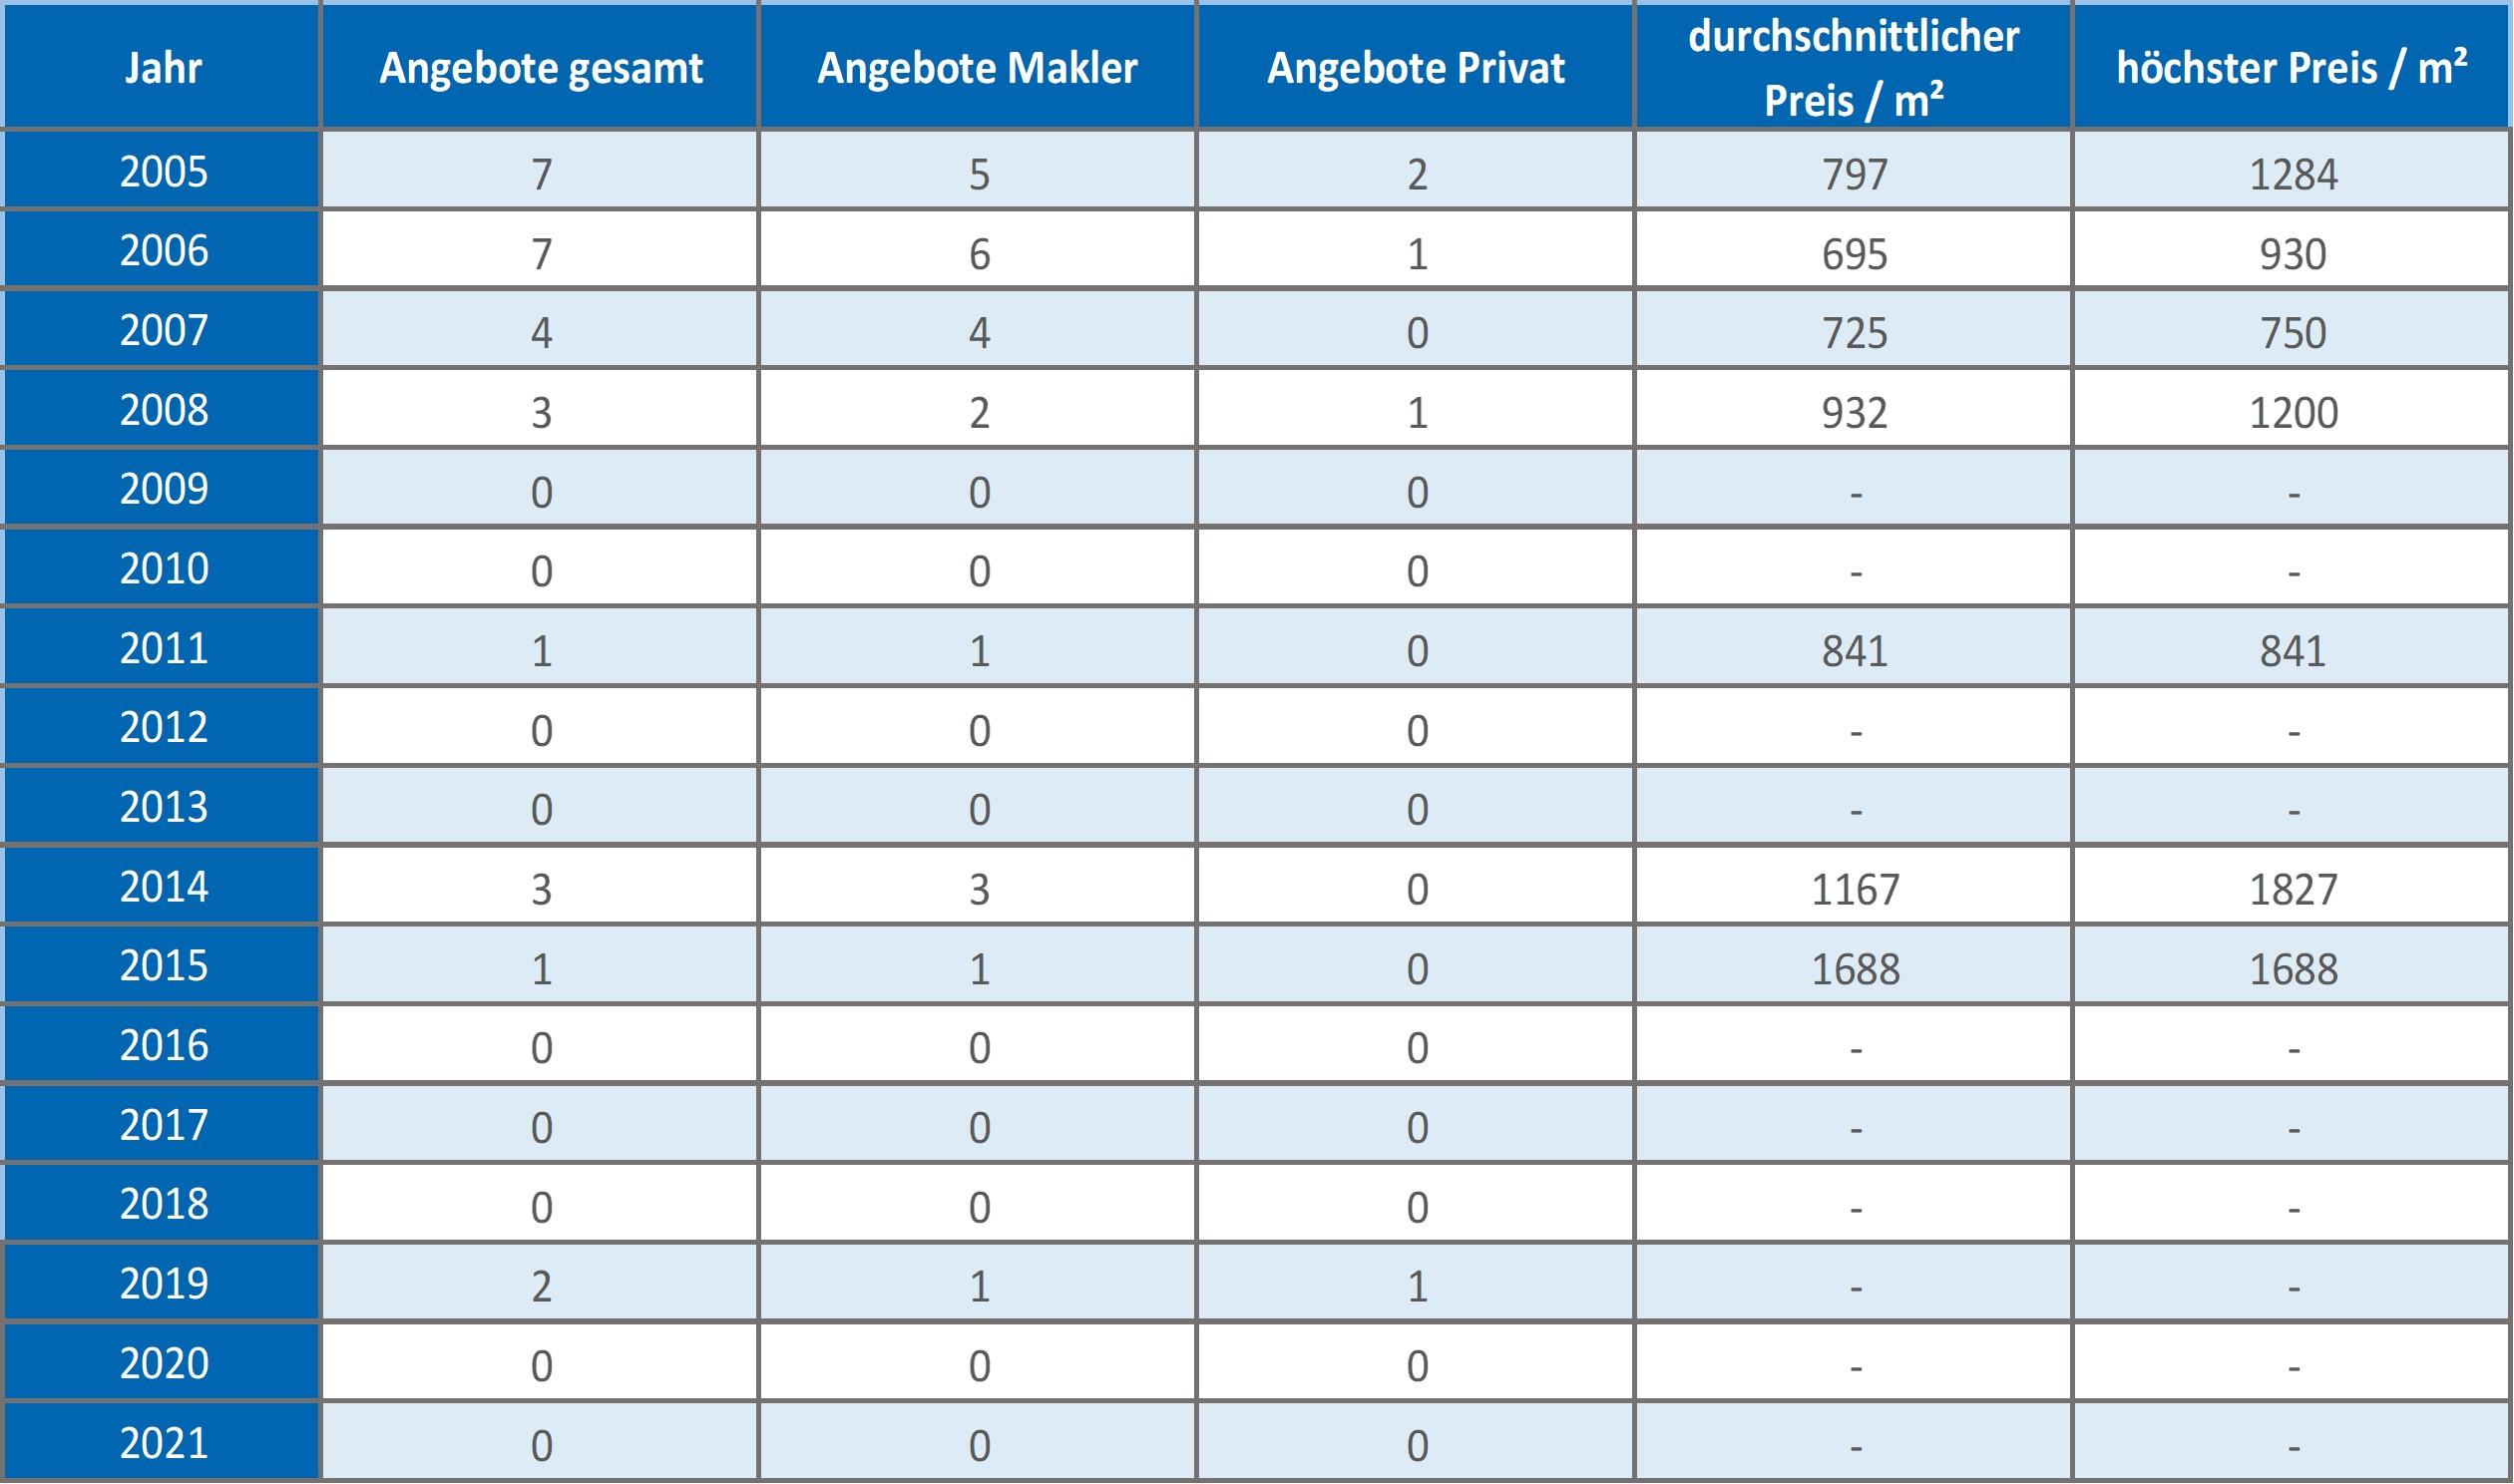 München - Daglfing Grundstück kaufen verkaufen Preis Bewertung Makler 2019 2020 2021 www.happy-immo.de